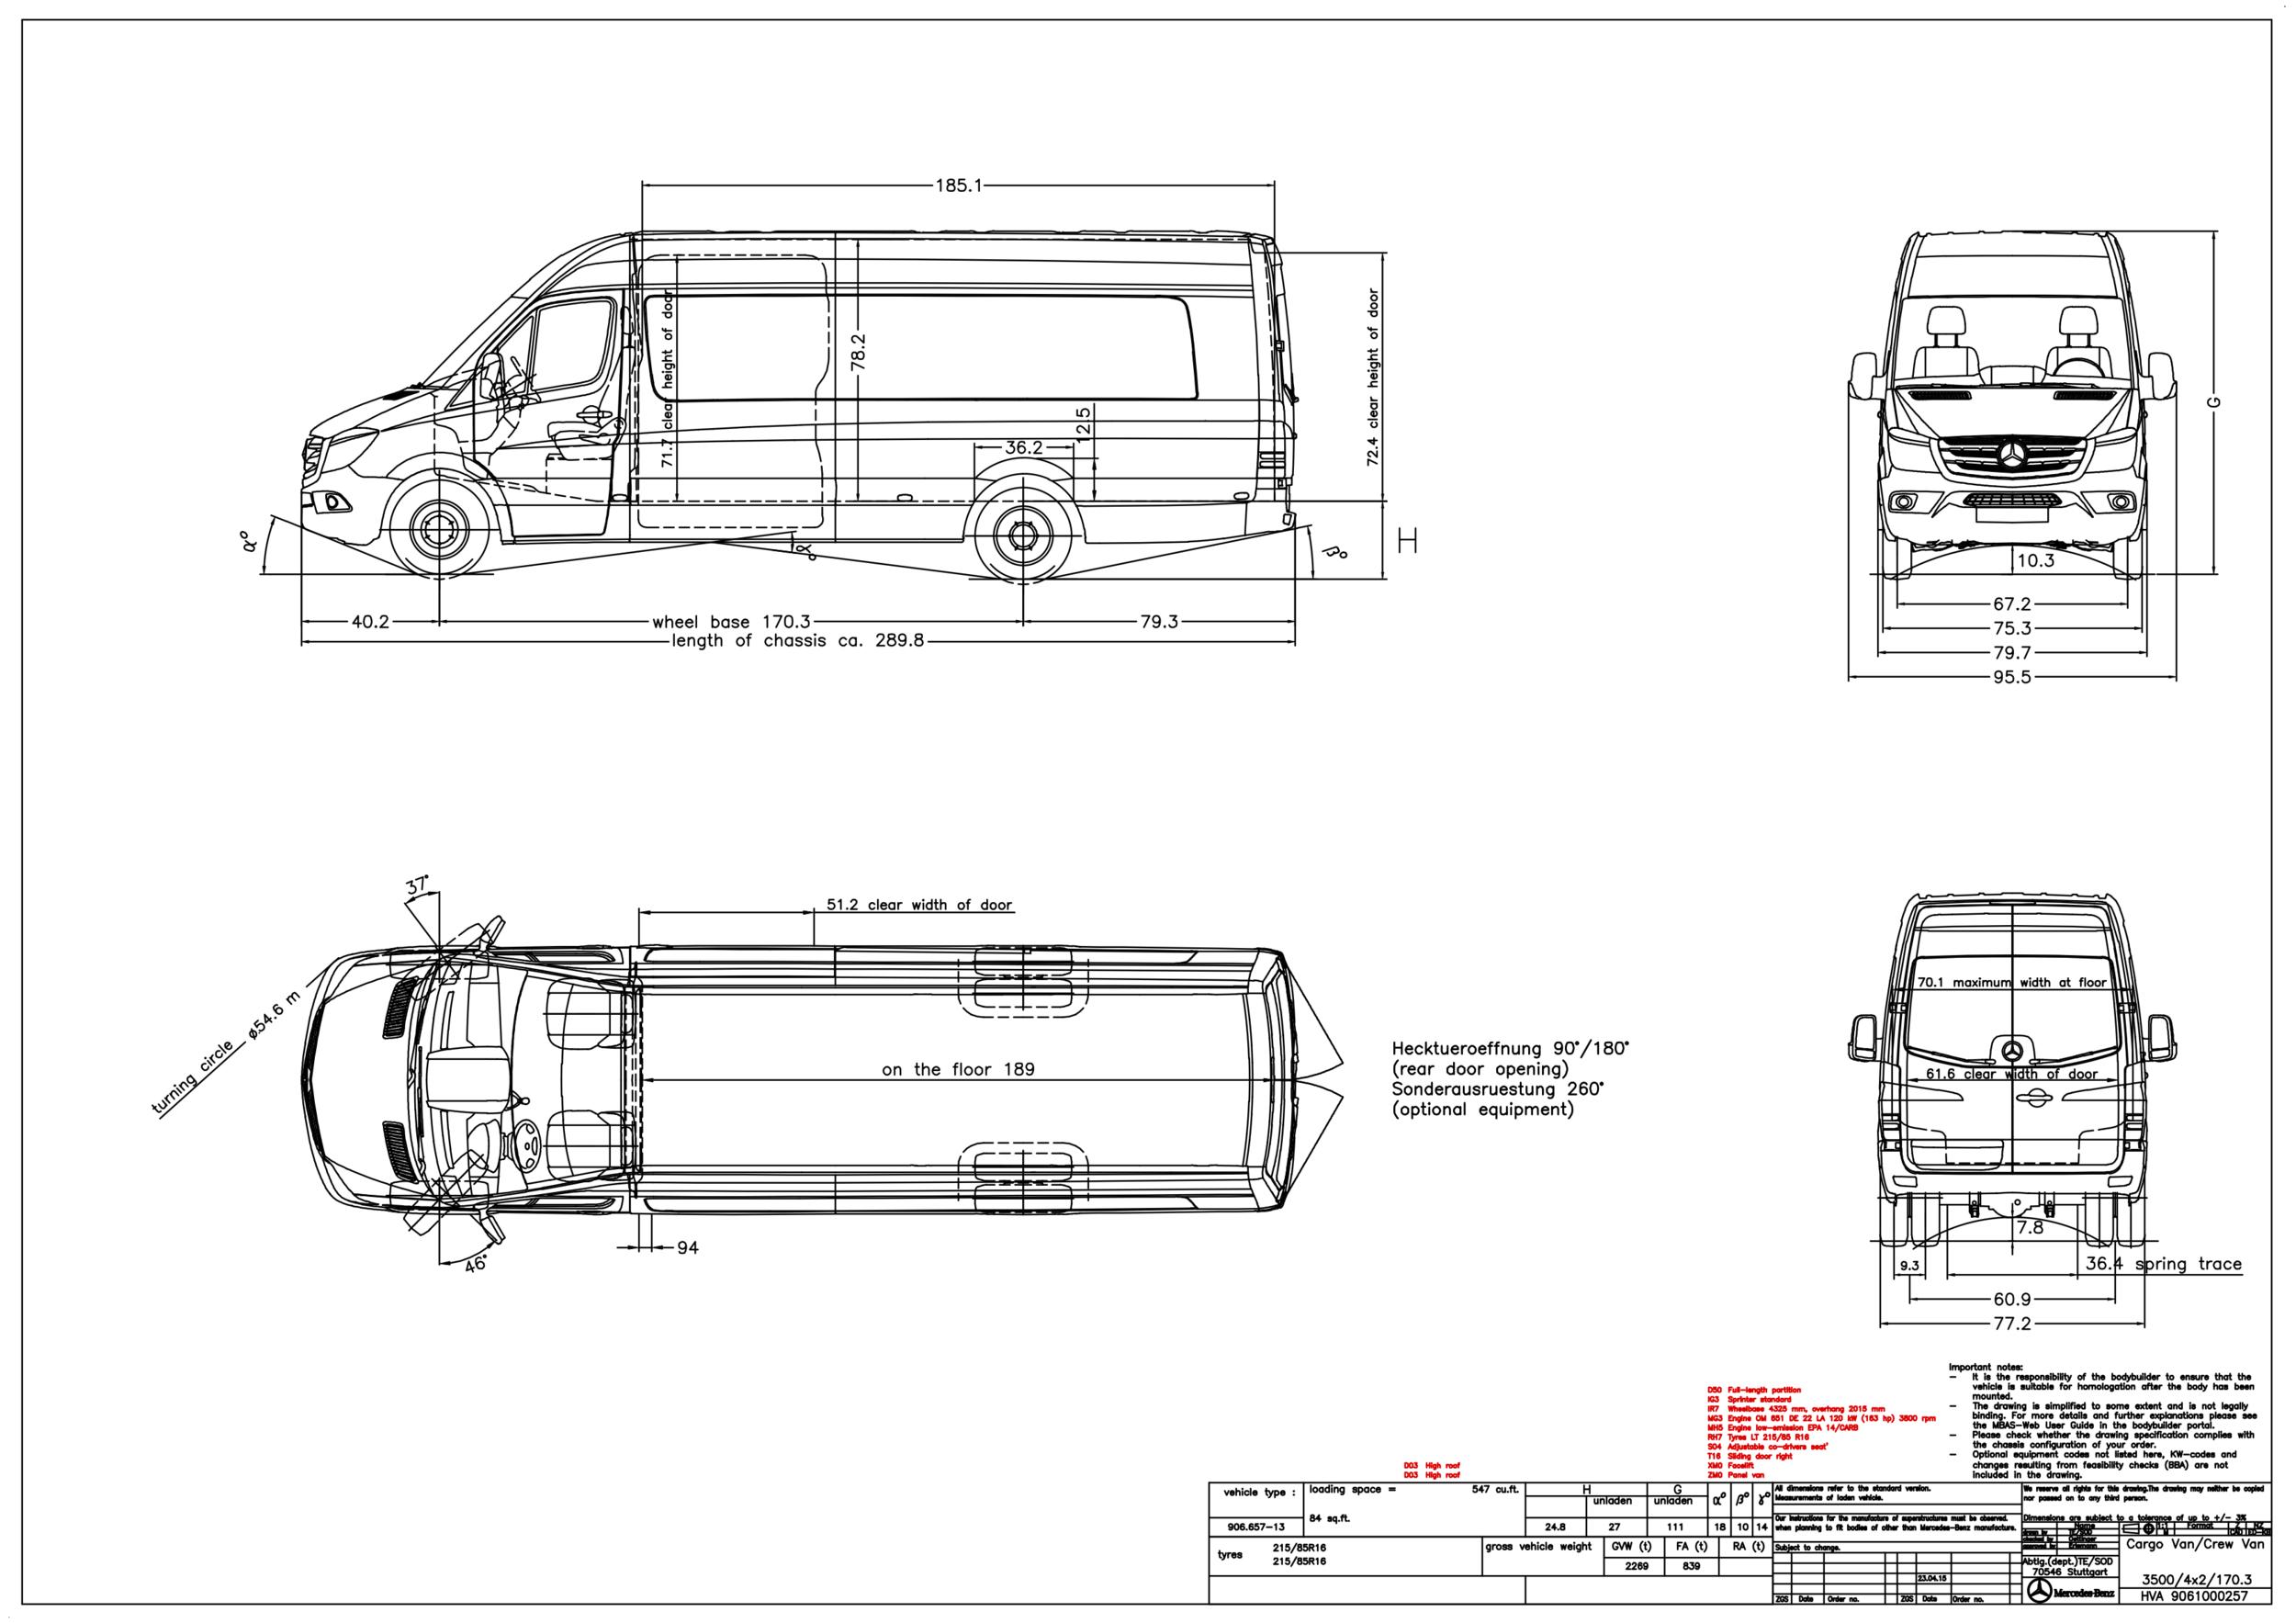 Grech Motors Mercedes-Benz Sprinter dimensions